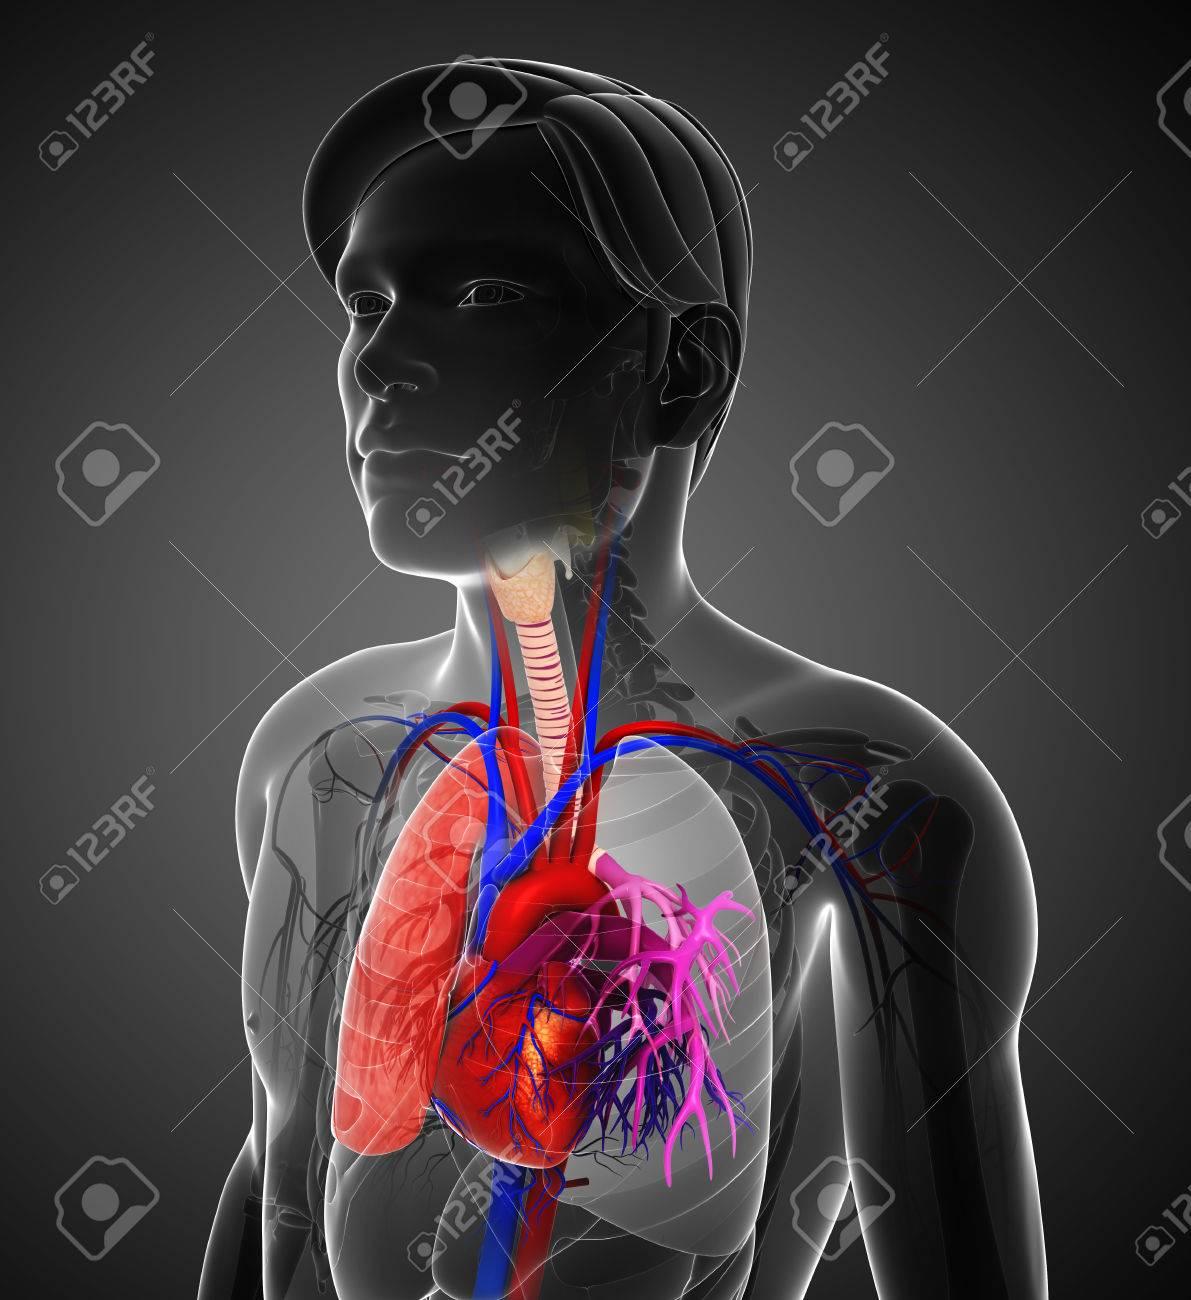 Ilustración De La Anatomía Masculina Pulmones Fotos, Retratos ...